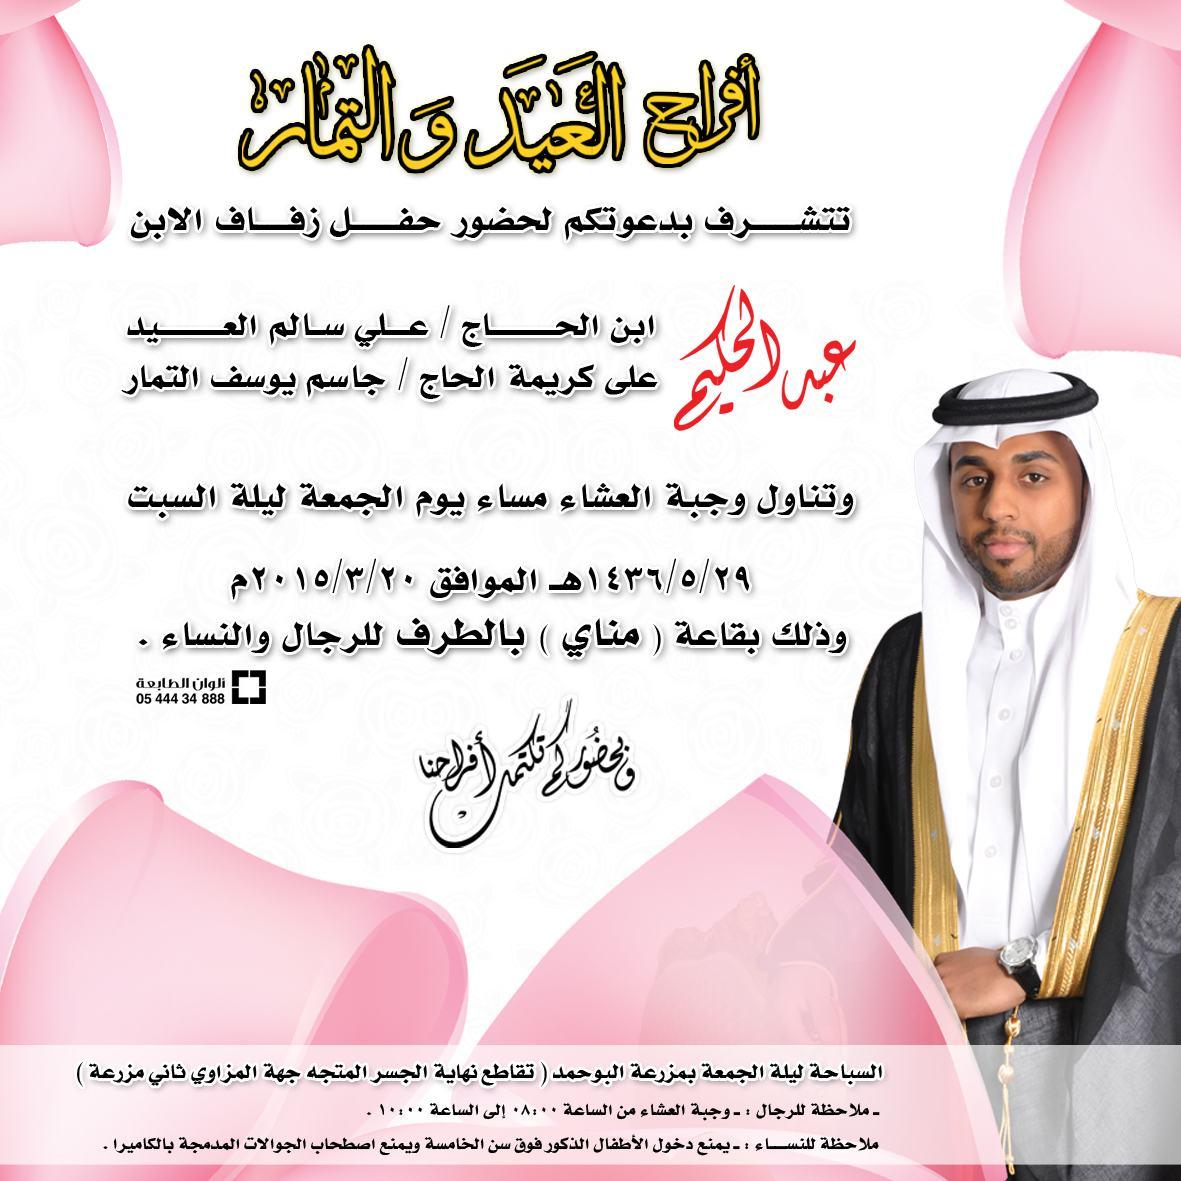 """علي الدليم يدعو الأهالي لحضور حفل زواج """" حسين """""""